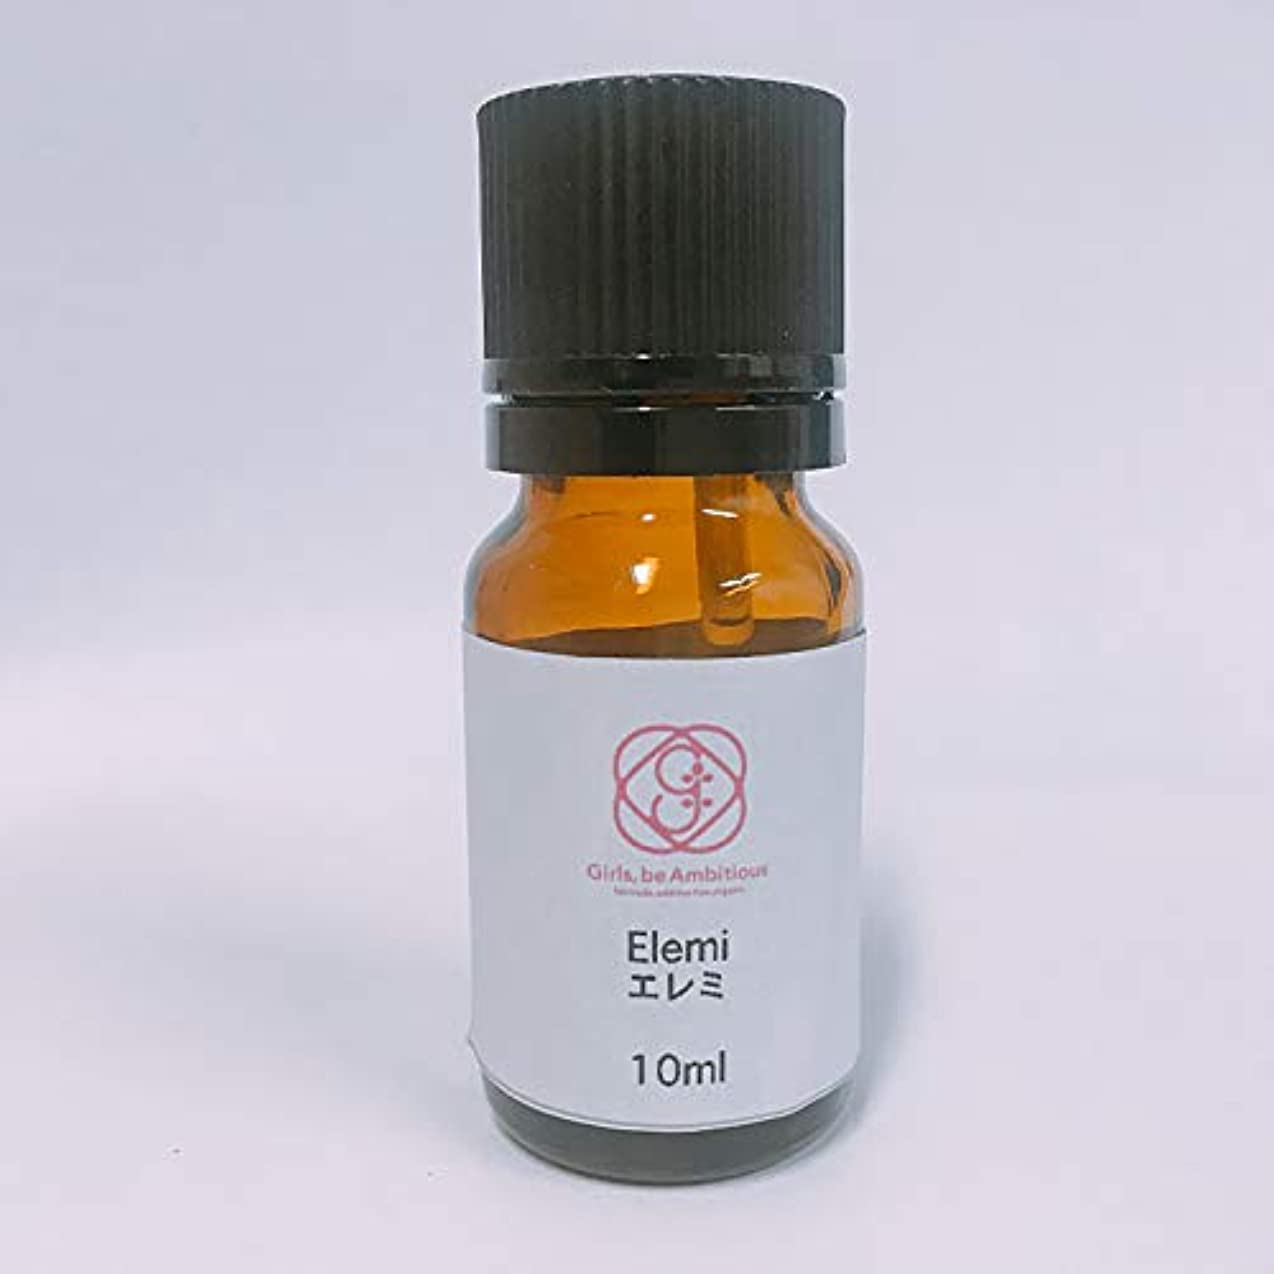 合体貢献協会エレミオイル(ELEMI OIL)10ml